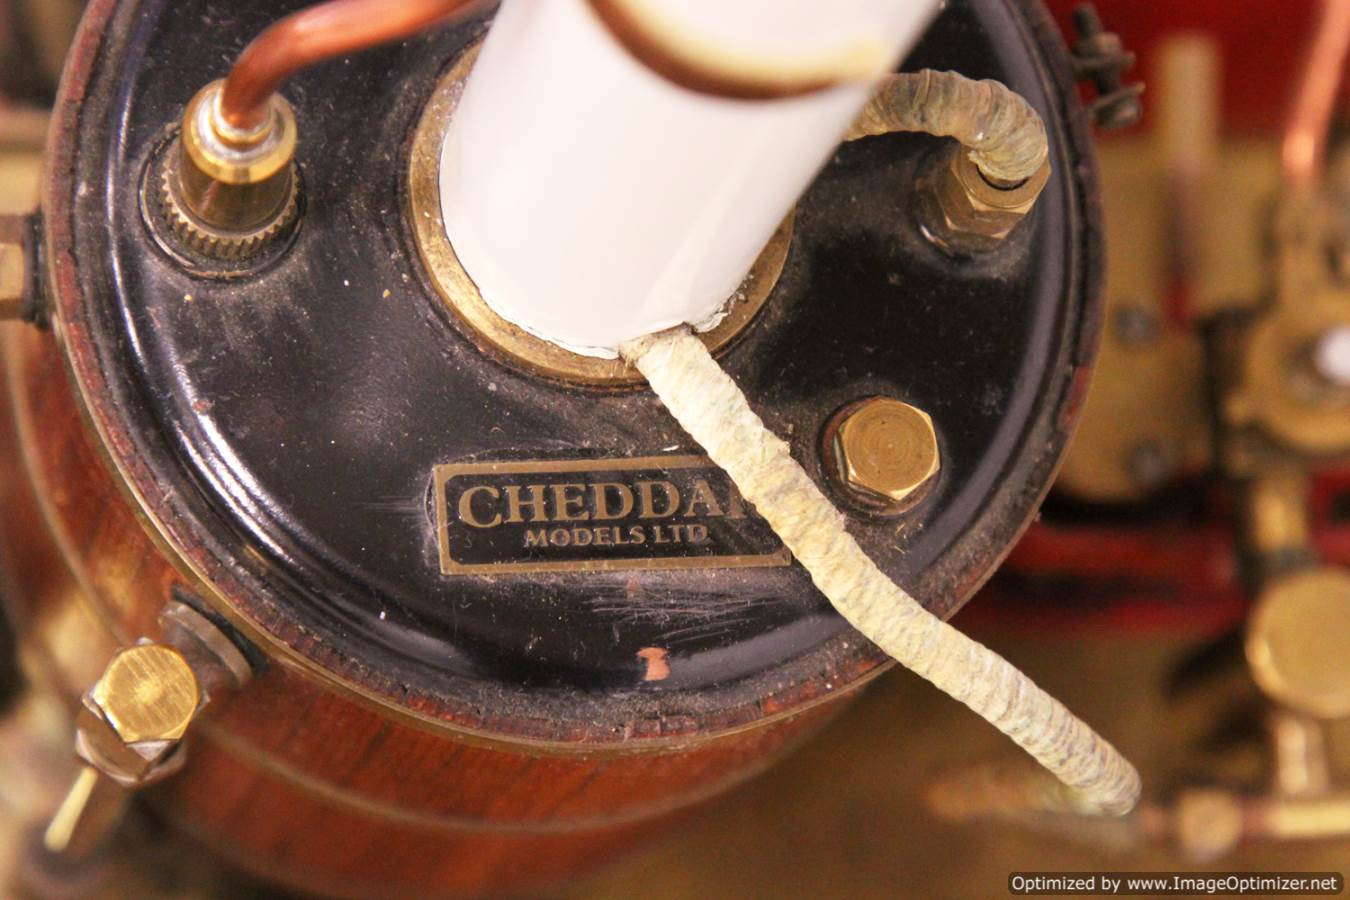 test bockrum-cheddar-steam-boat-live-steam-model-for-sale-23-optimized